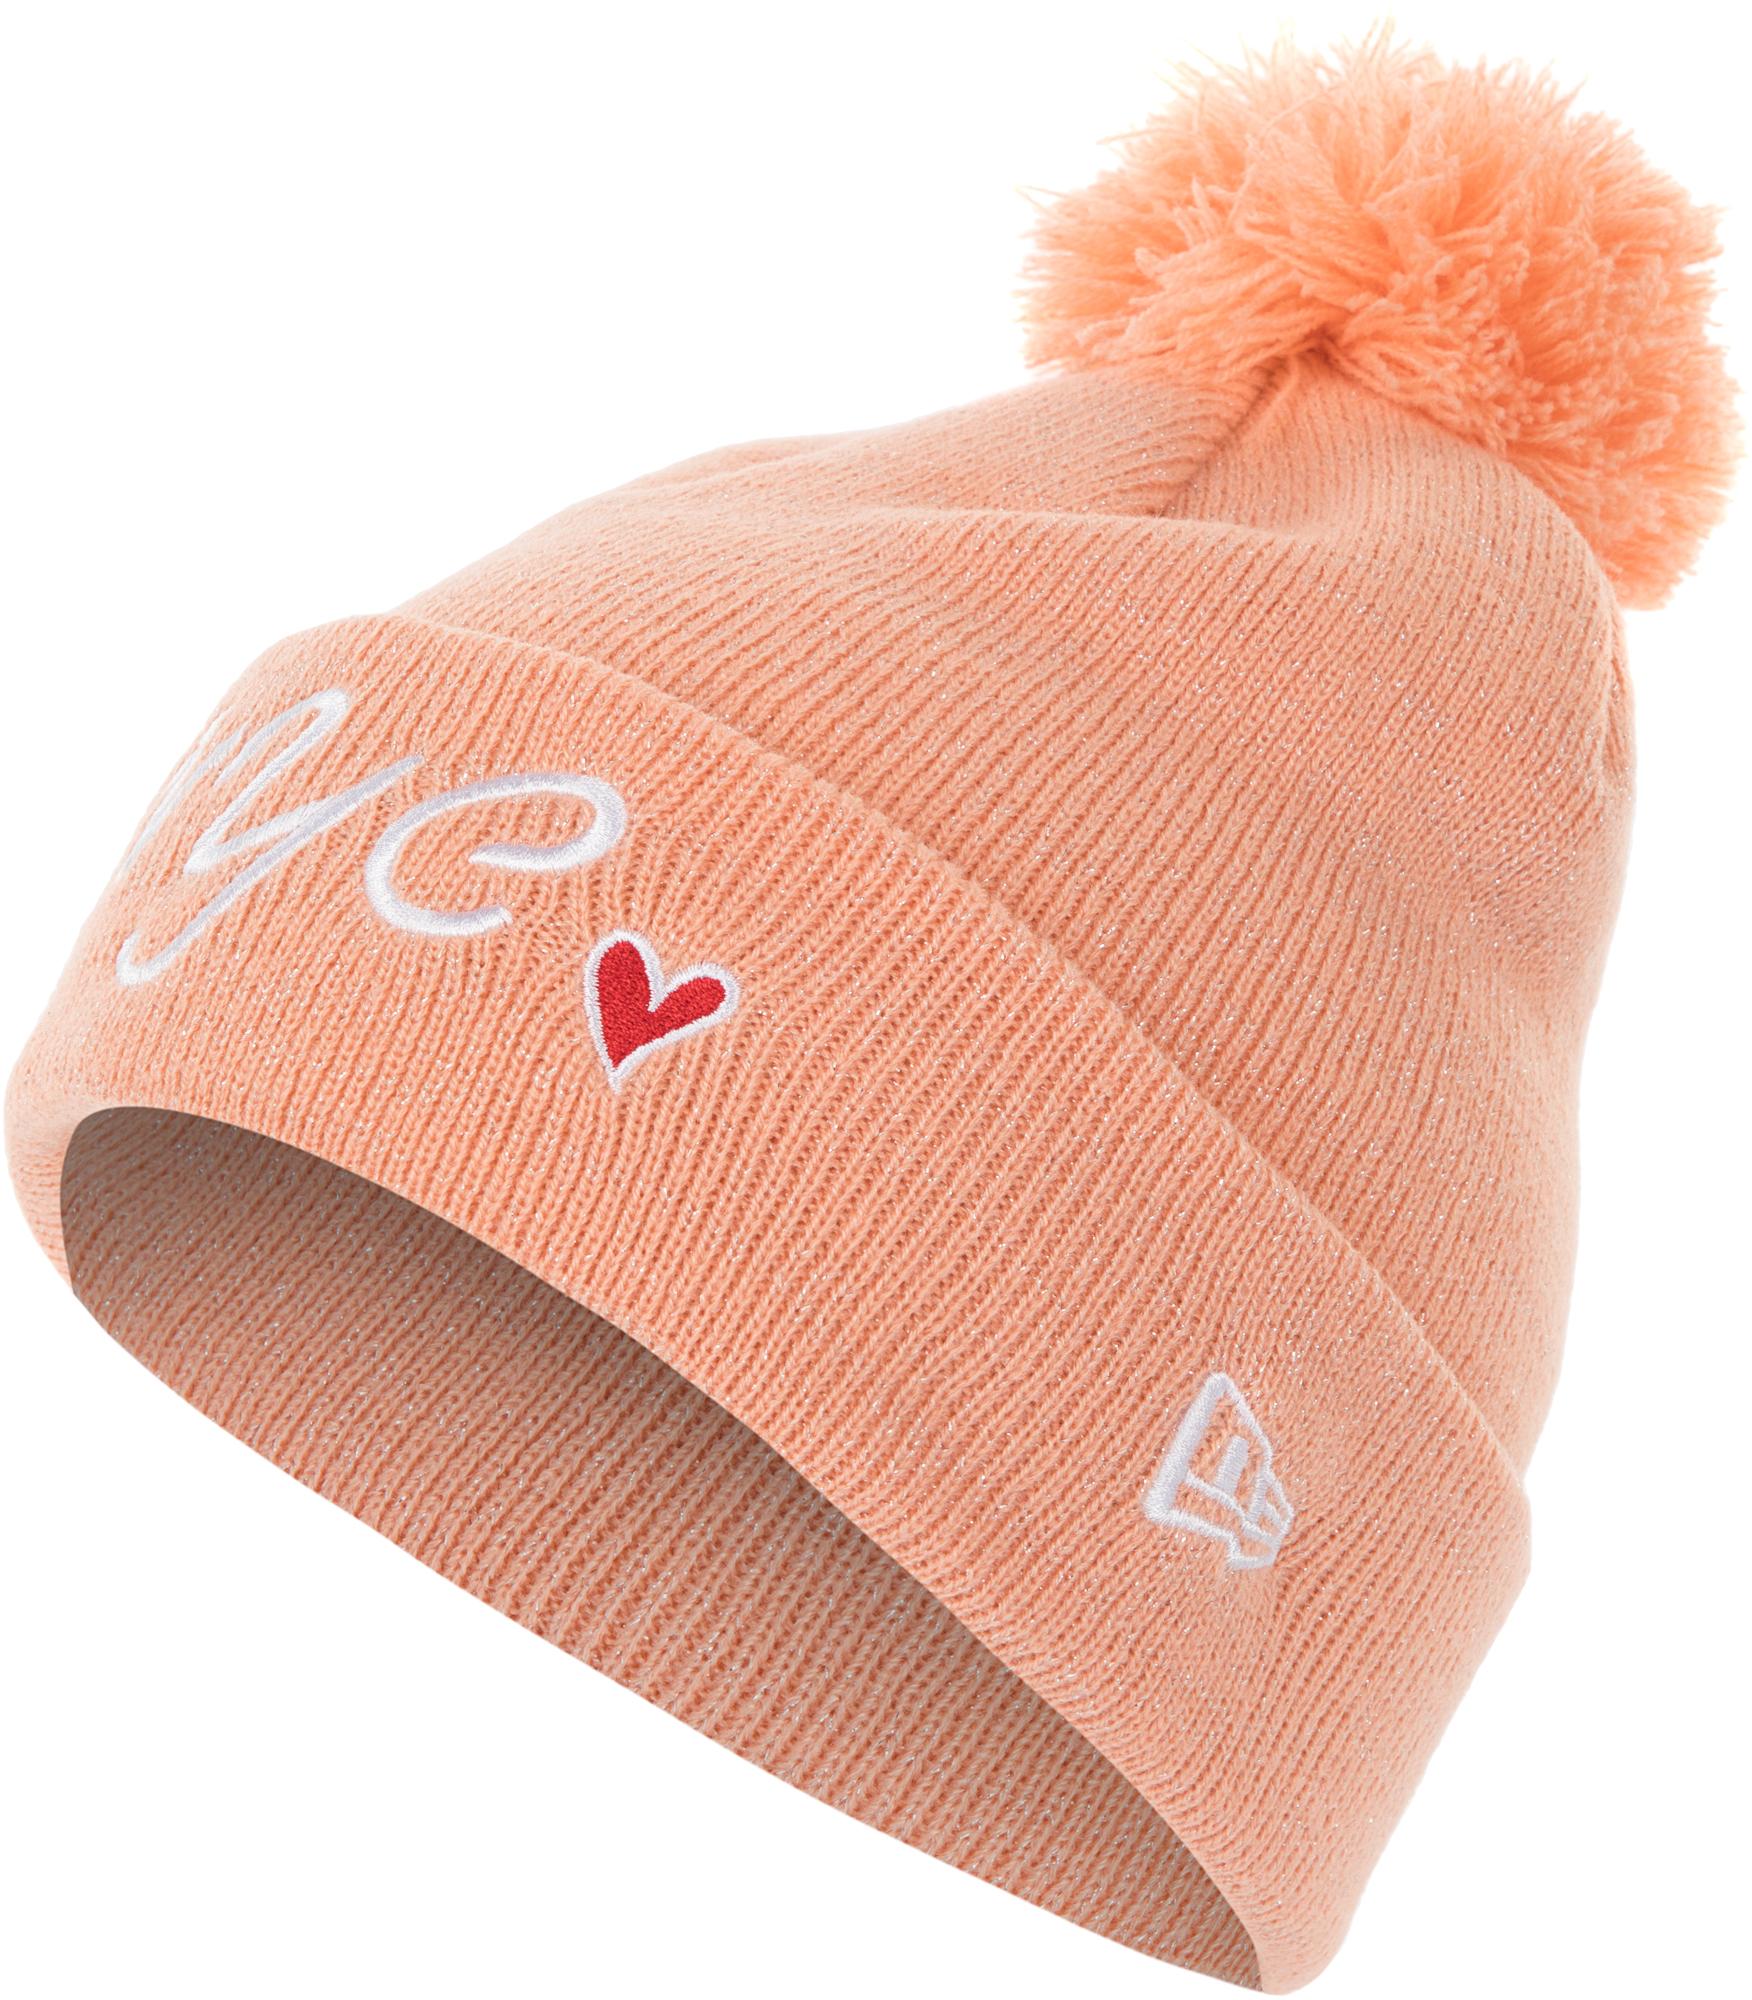 New Era Шапка для девочек New Era, размер 54-55 new era шапка для мальчиков new era ne cuff pom размер 54 55